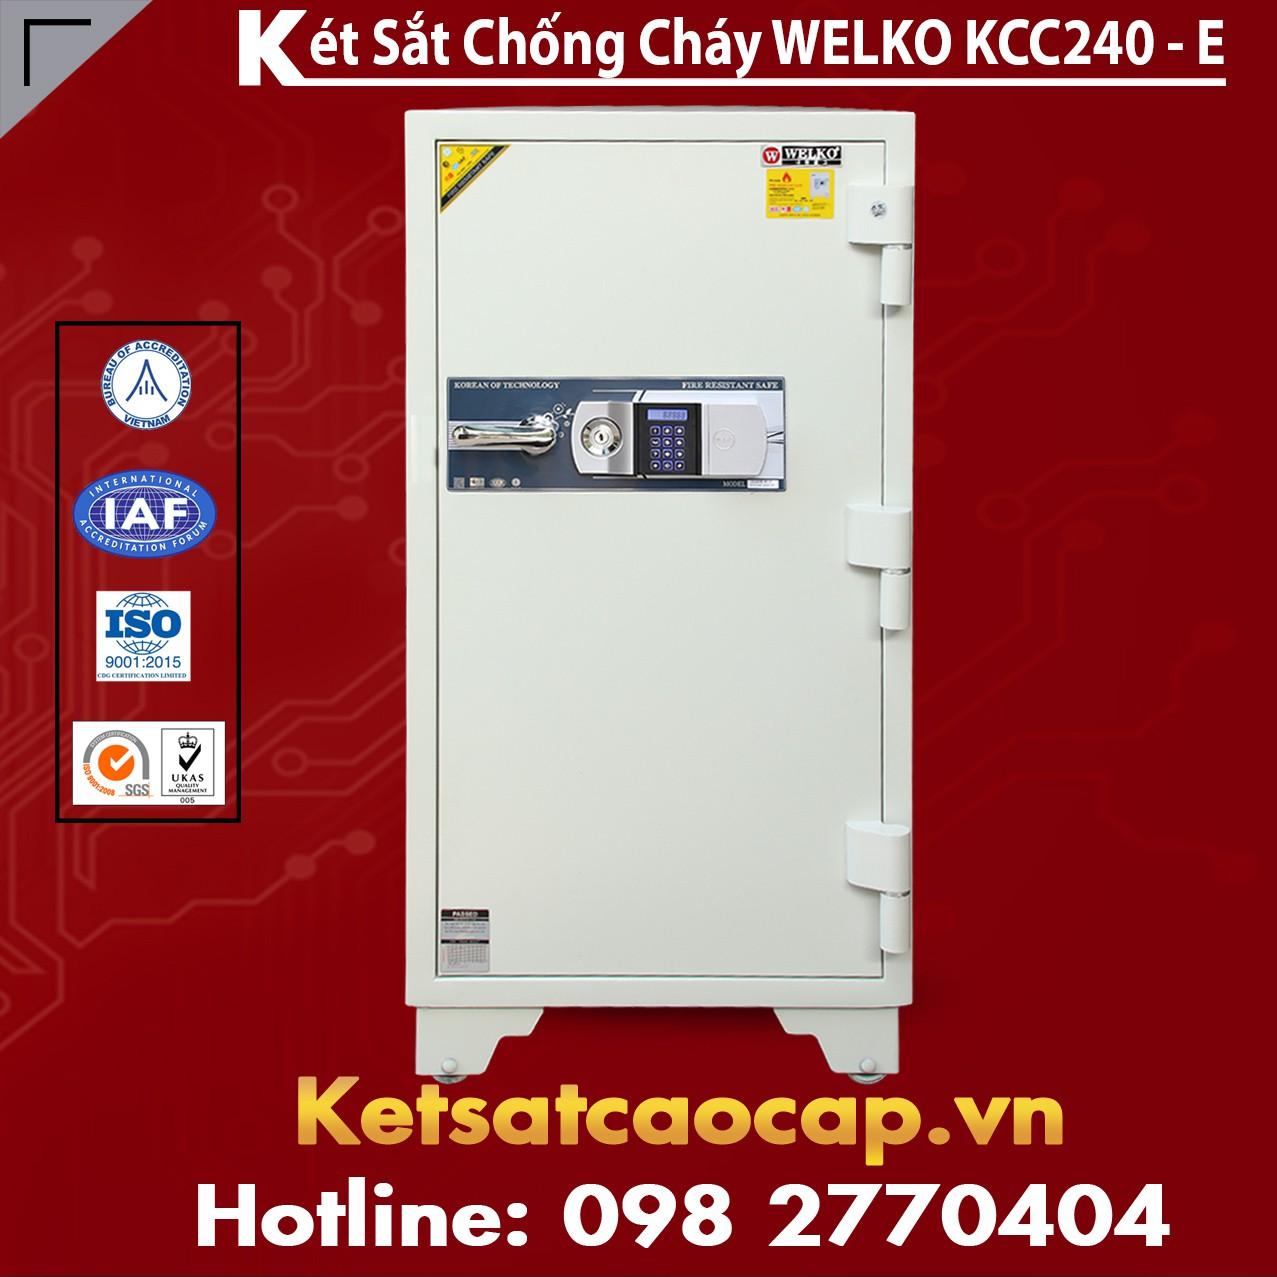 Két Sắt Giá Rẻ KCC240 E Silver - White